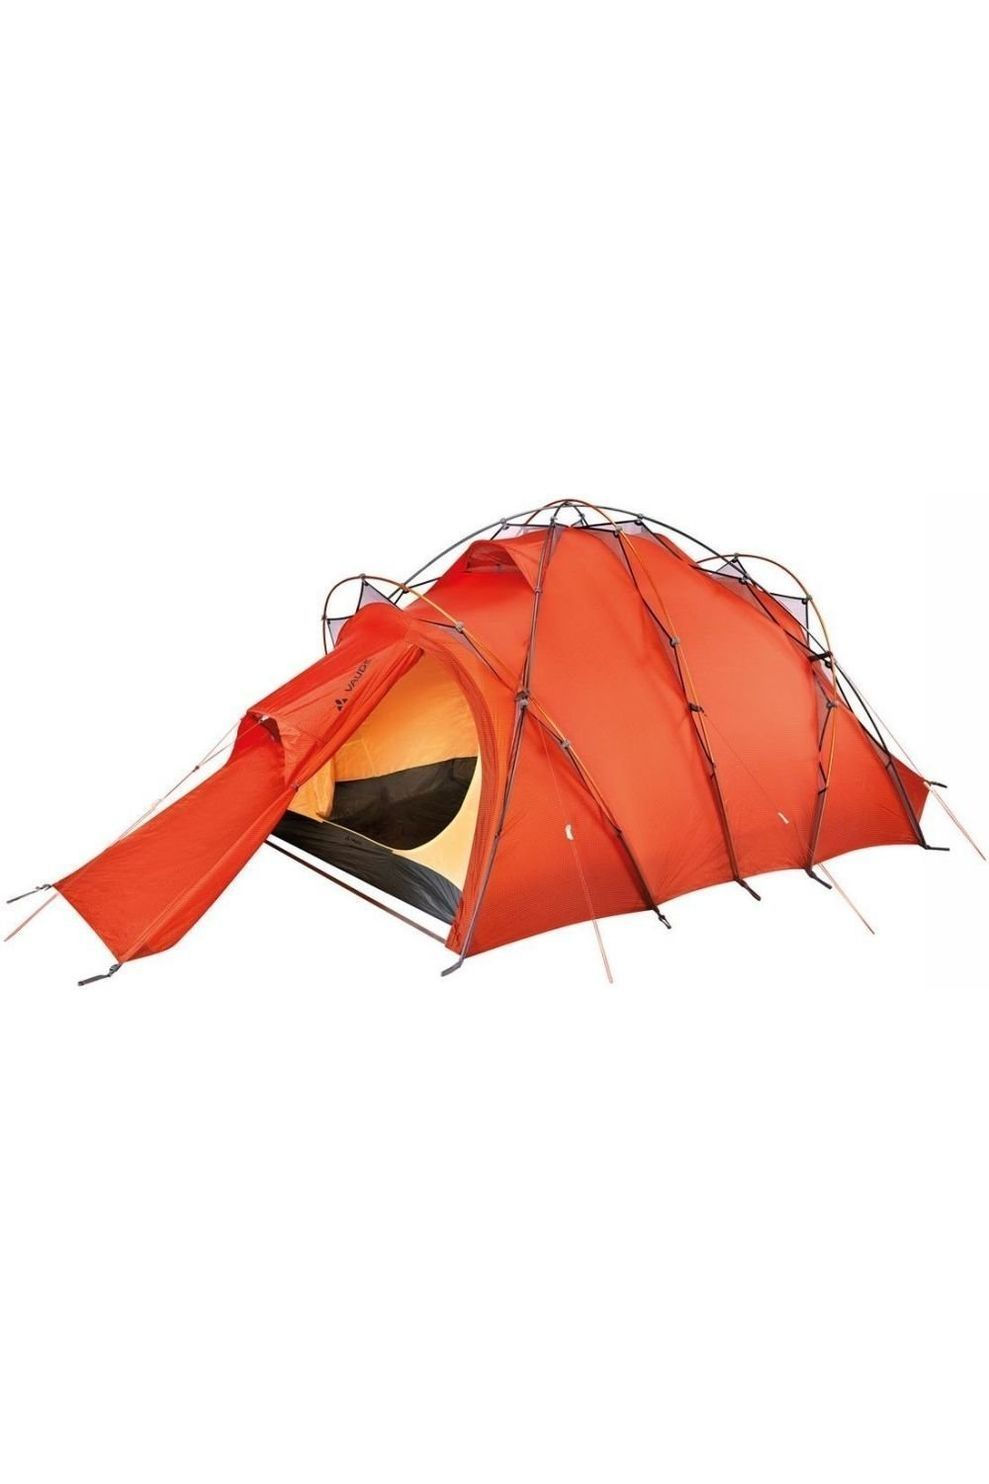 VAUDE Tent Power Sphaerio 3P - Oranje